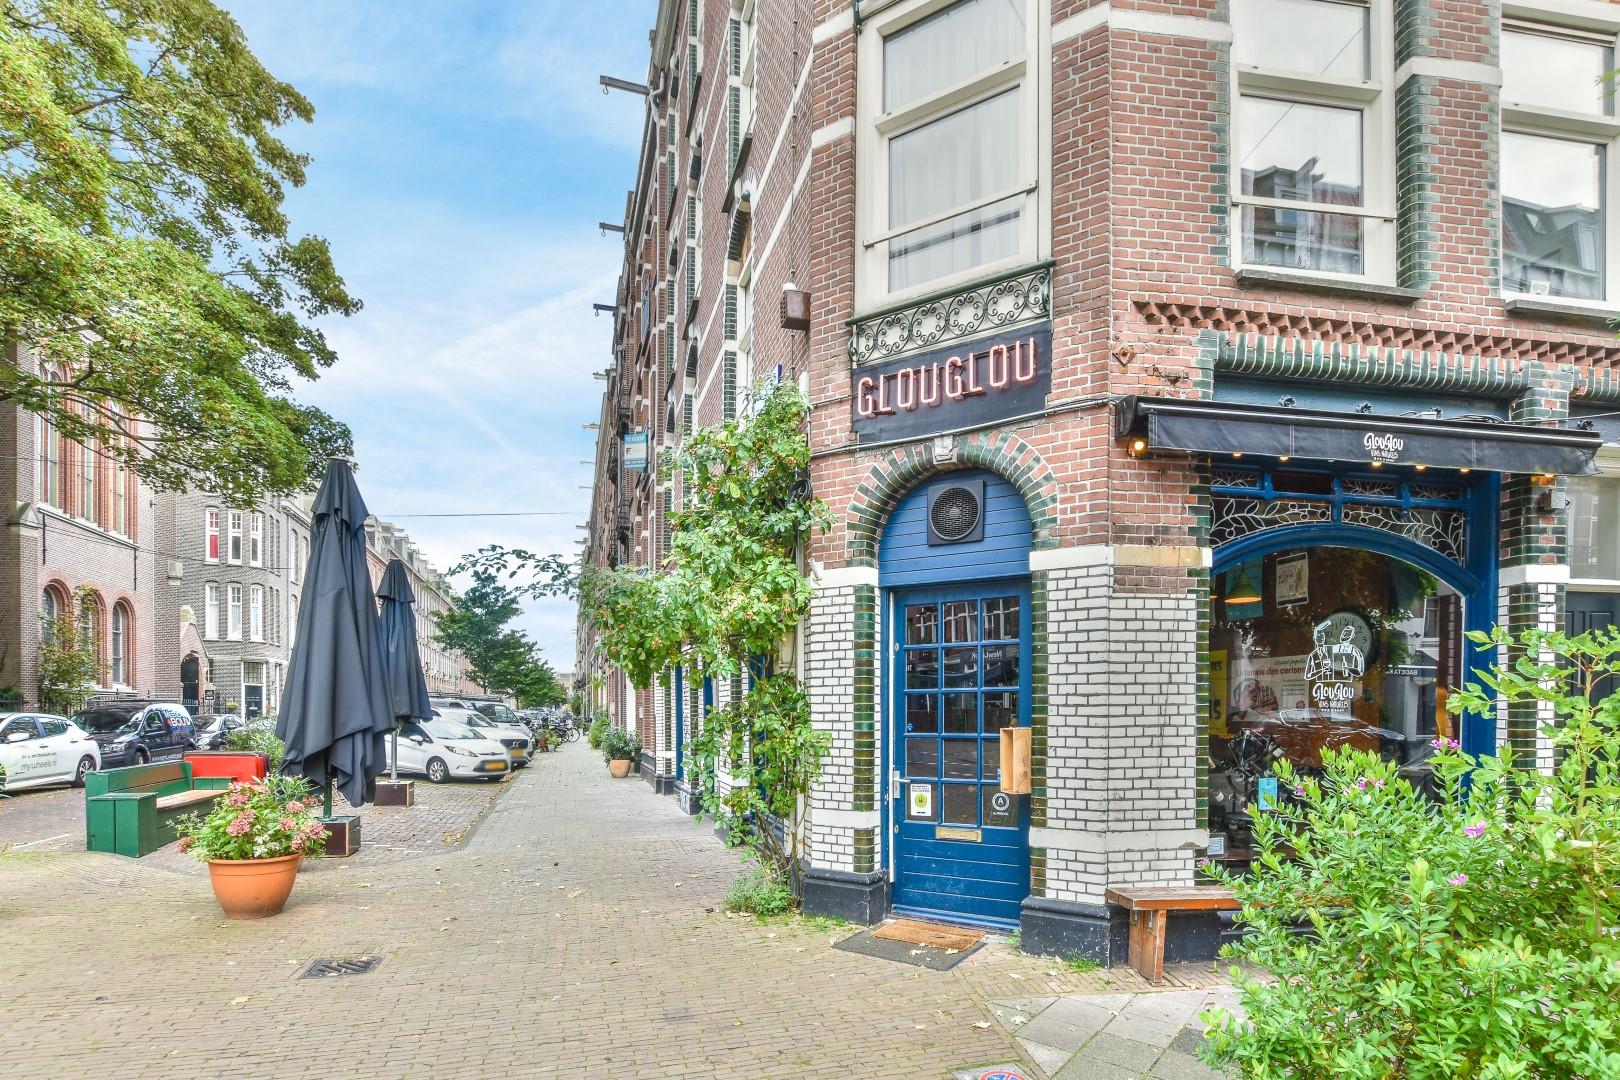 Van Ostadestraat 135 E 1072 SW, Amsterdam, Noord-Holland Nederland, 2 Bedrooms Bedrooms, ,1 BathroomBathrooms,Apartment,For Rent,Van Ostadestraat ,3,1490